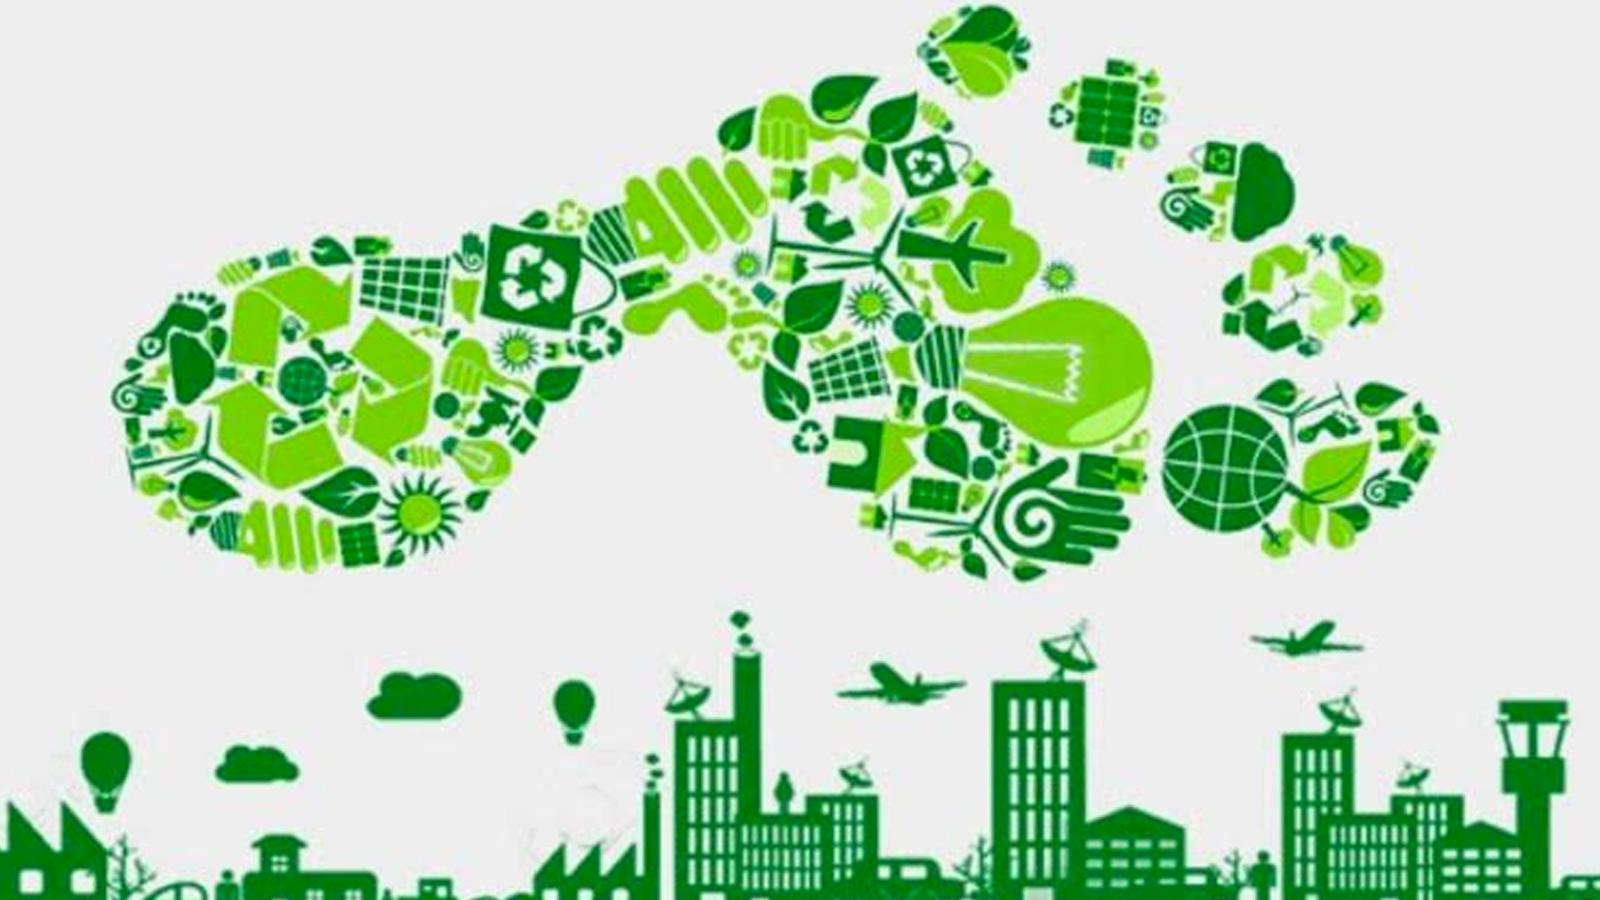 İBB - İSTAÇ bugüne kadarki en büyük karbon satışını gerçekleştirdi